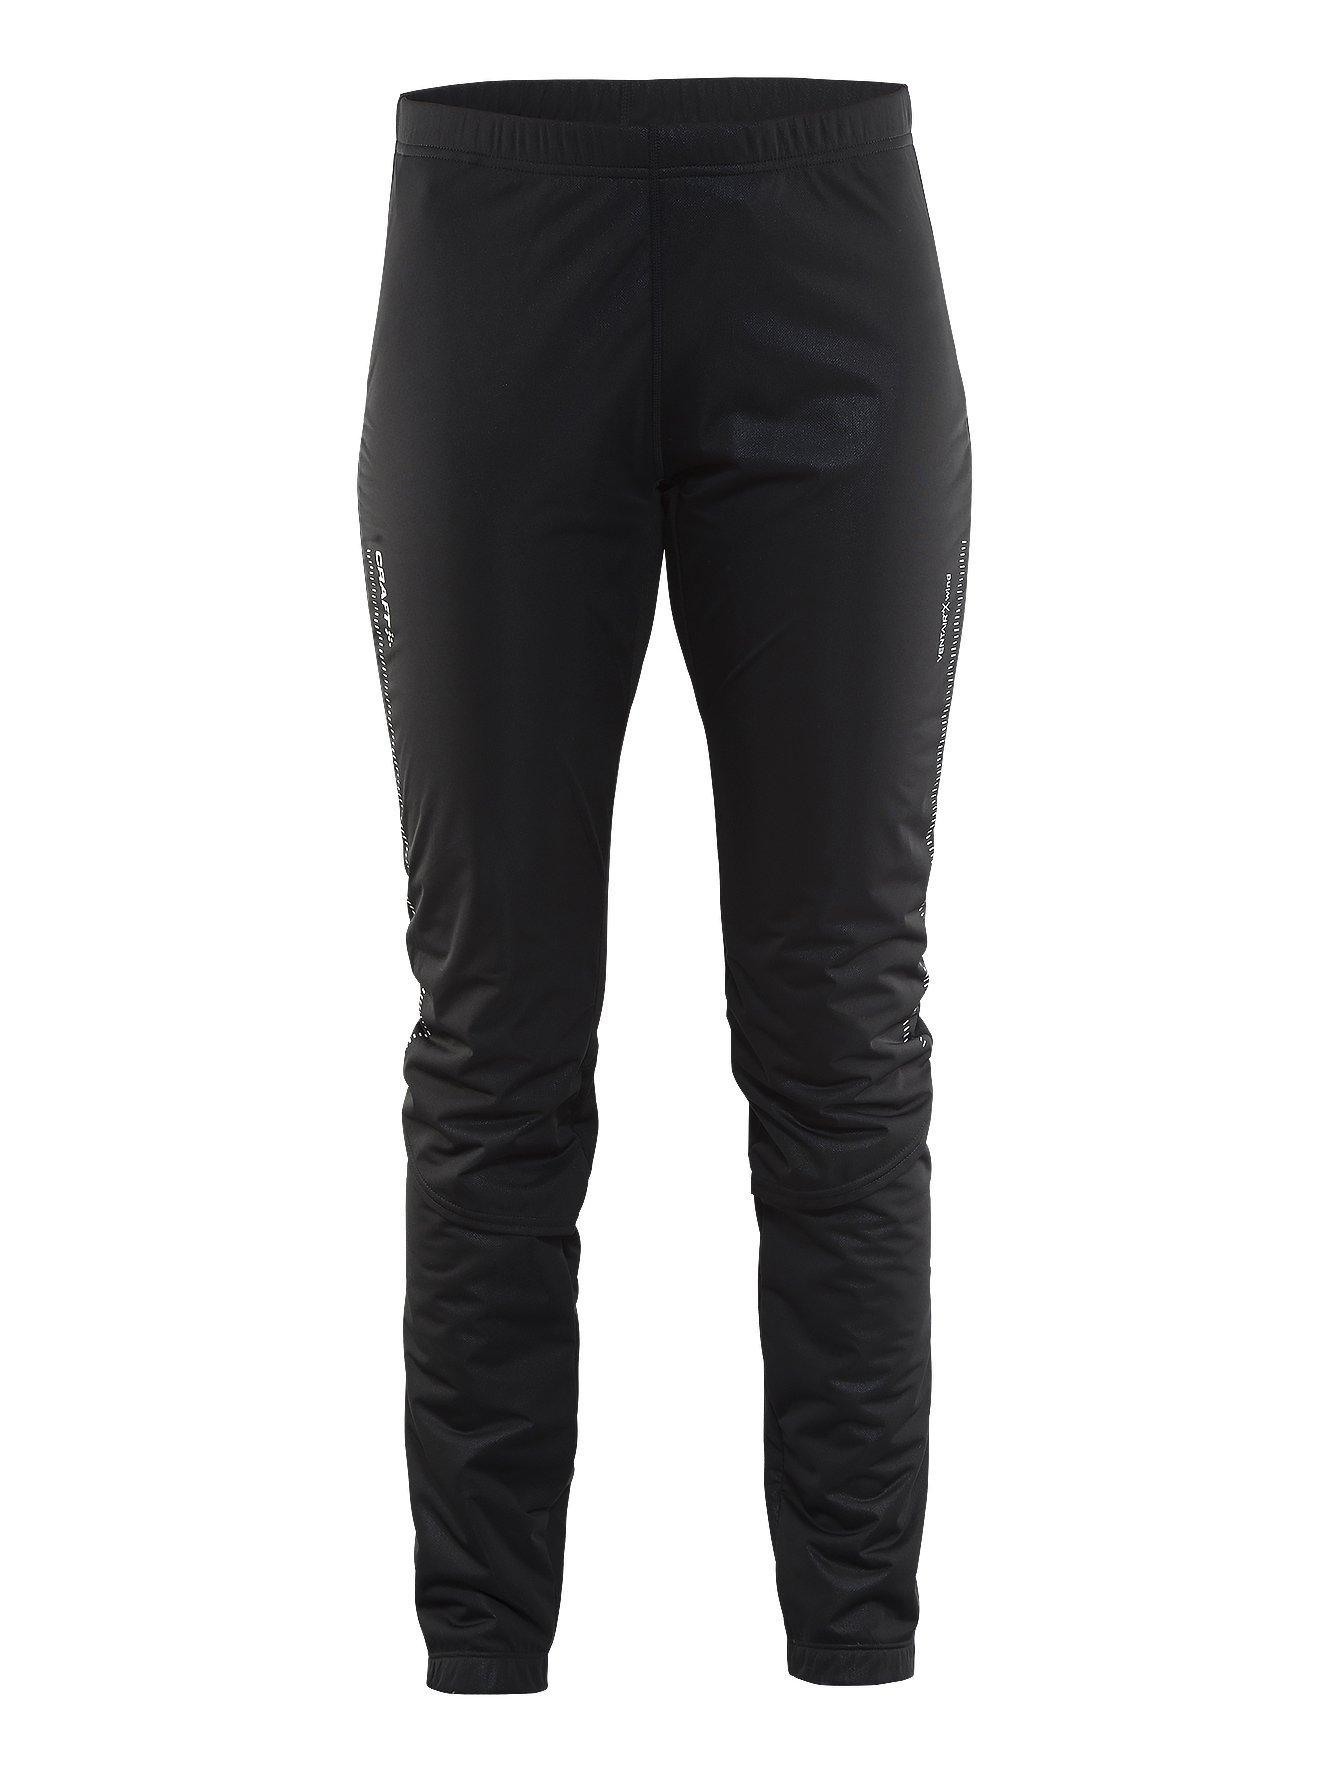 Женские лыжные брюки Craft Storm 2.0 1904259-9999